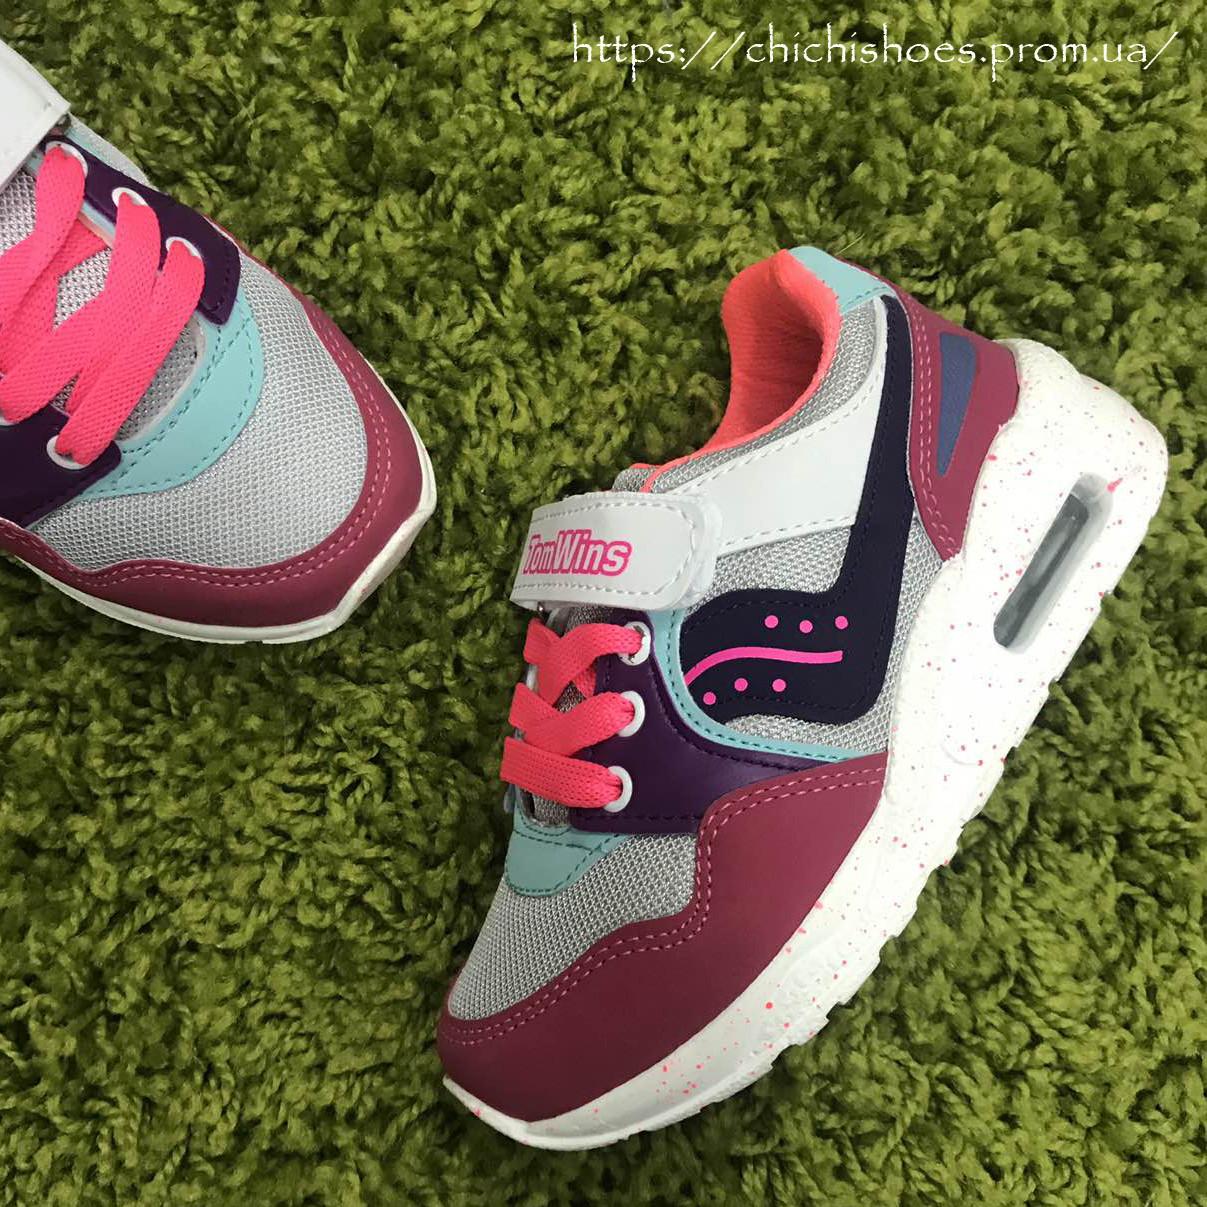 fda97f37 Детские кроссовки для девочки Tom Wins 27-30 размер: продажа, цена в ...